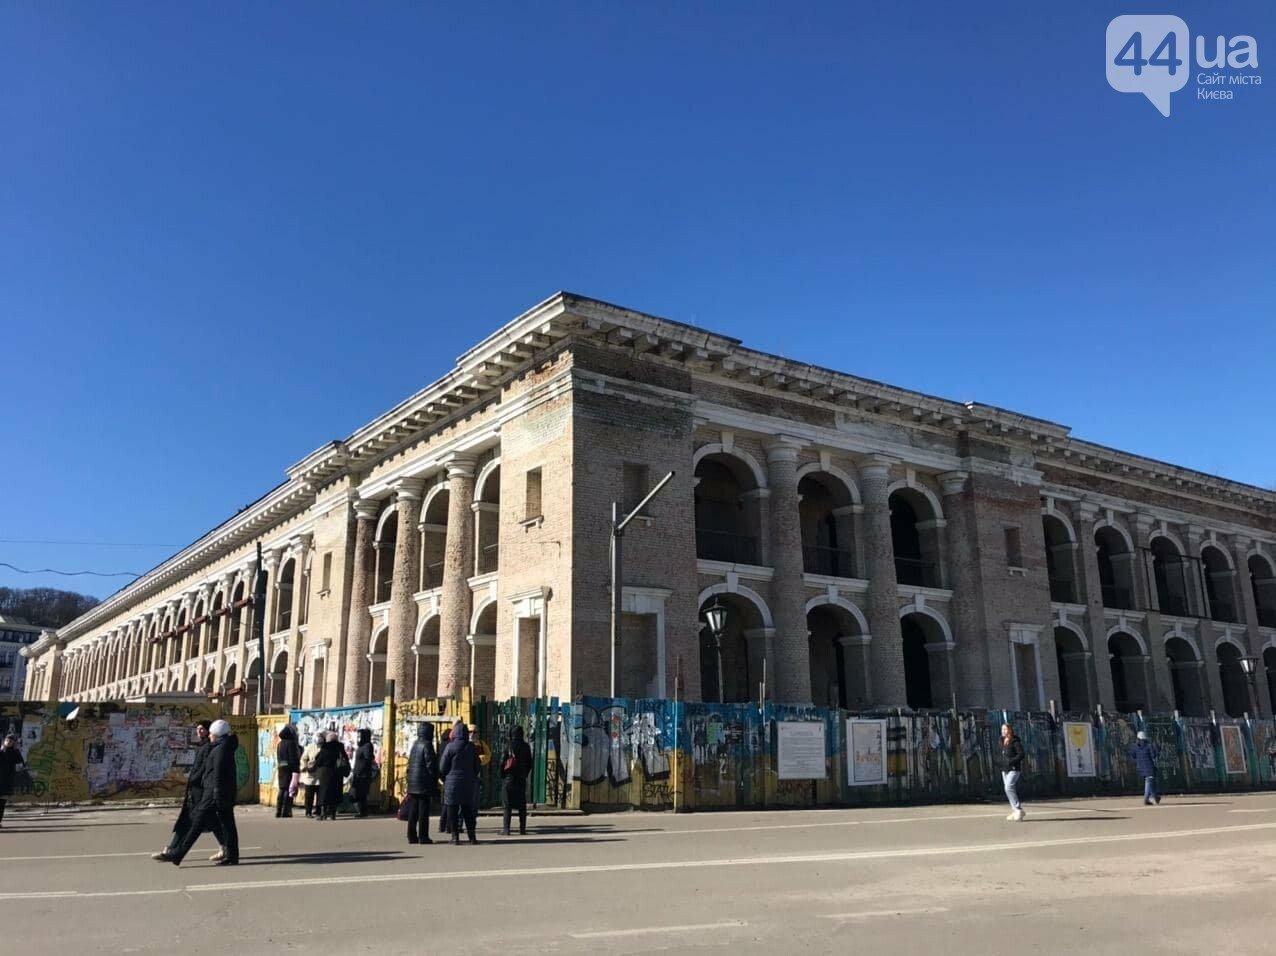 Гостиный двор в Киеве, Фото: 44.ua